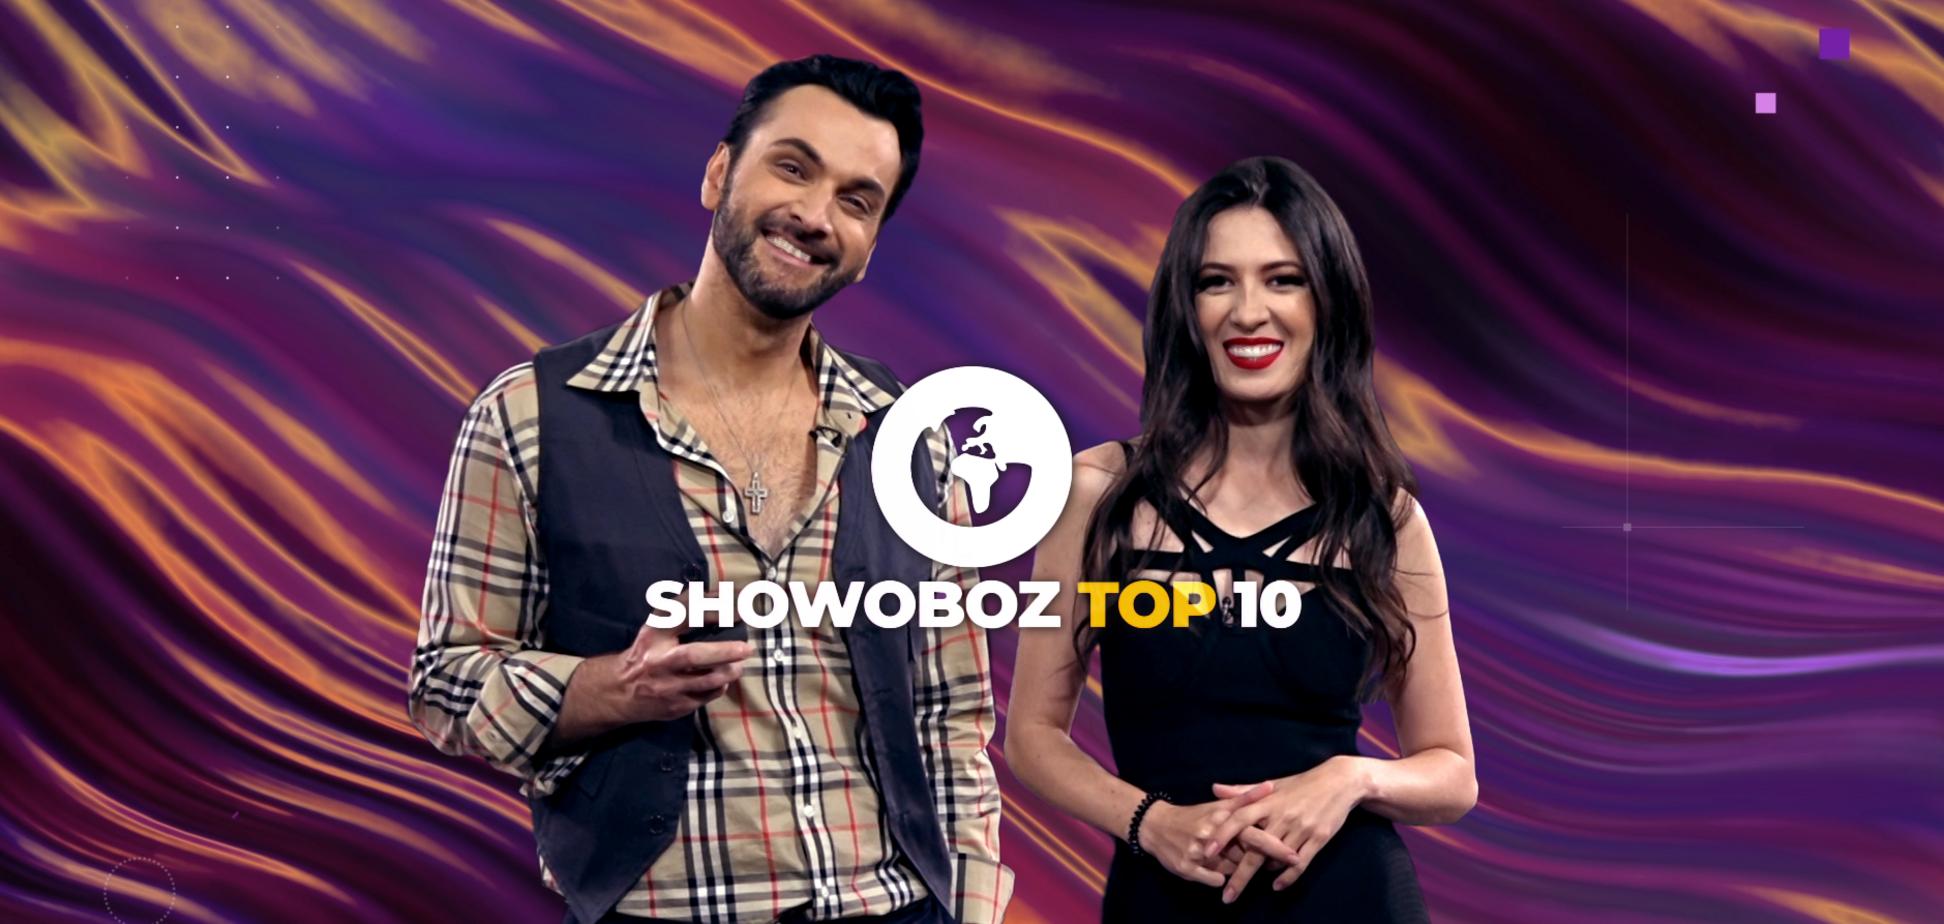 Океан Ельзи vs Melovin та спекотна прем'єра треку 'Джим Бим' від співачки To-Ma у ShowOboz TOP-10